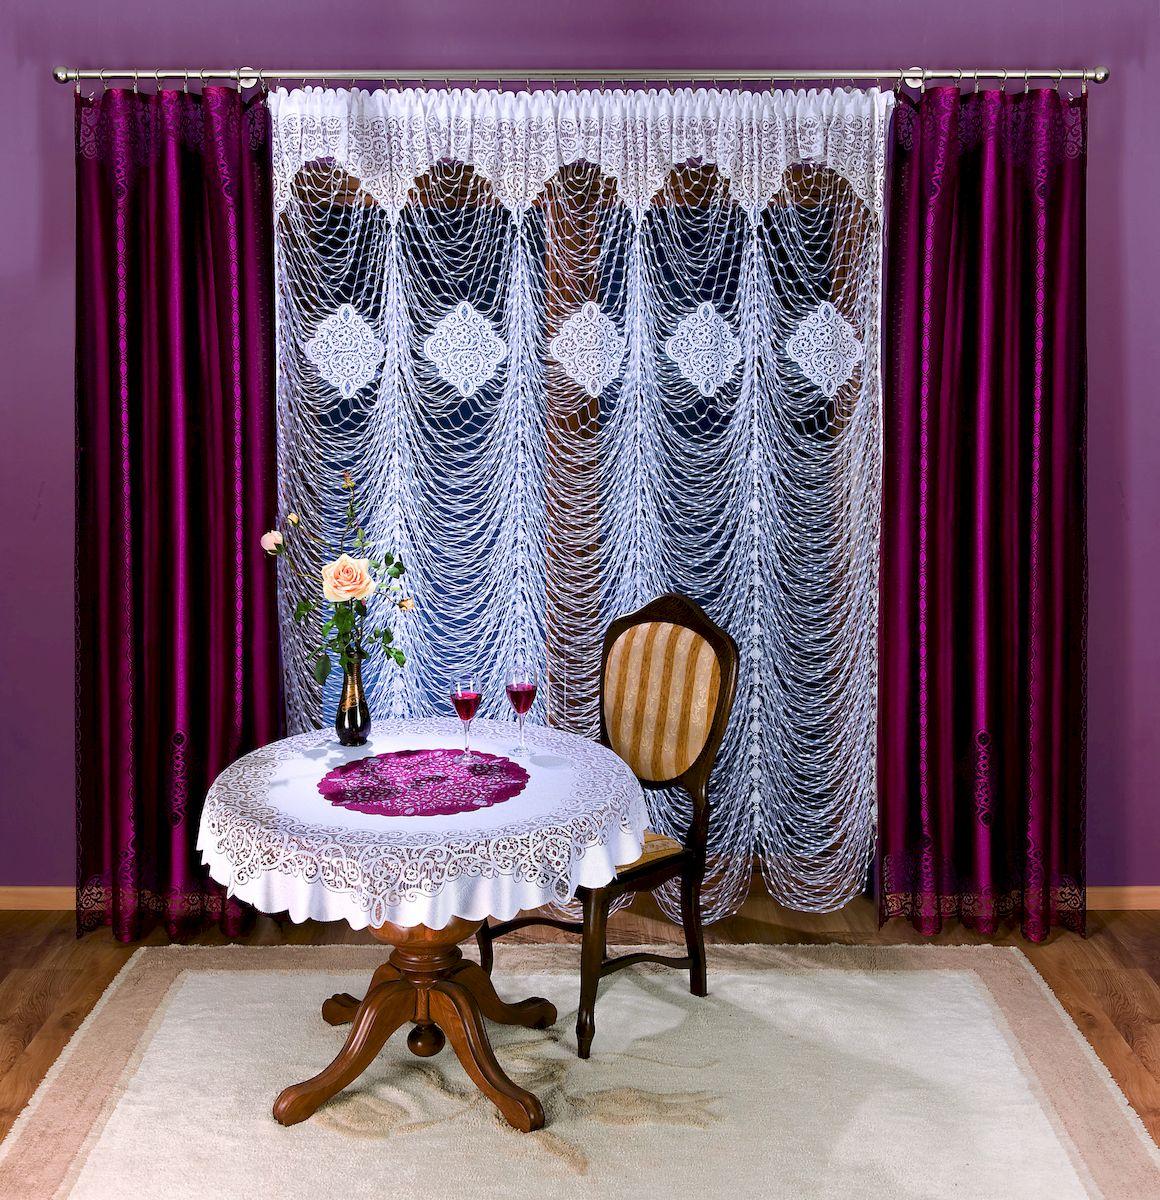 Гардина Wisan, цвет: белый, высота 250 см. 280A280AГардина бордового цвета из ткани средней плотности с гипюровым элементом. Размер: ширина 150 х высота 250